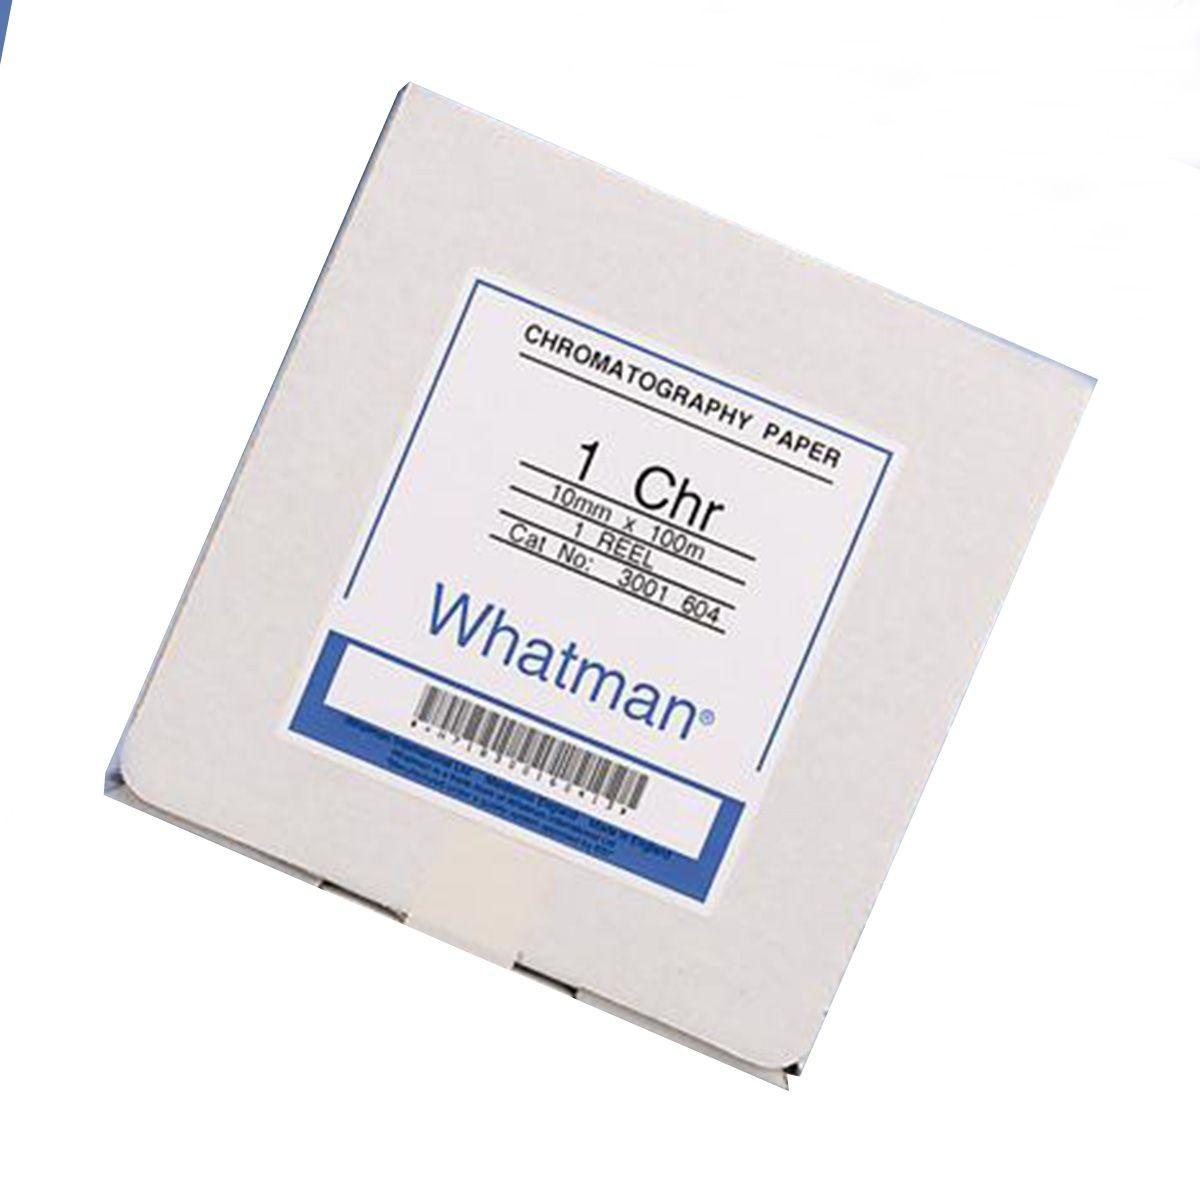 Giấy sắc ký Whatman được sản xuất từ cenllulose tinh khiết